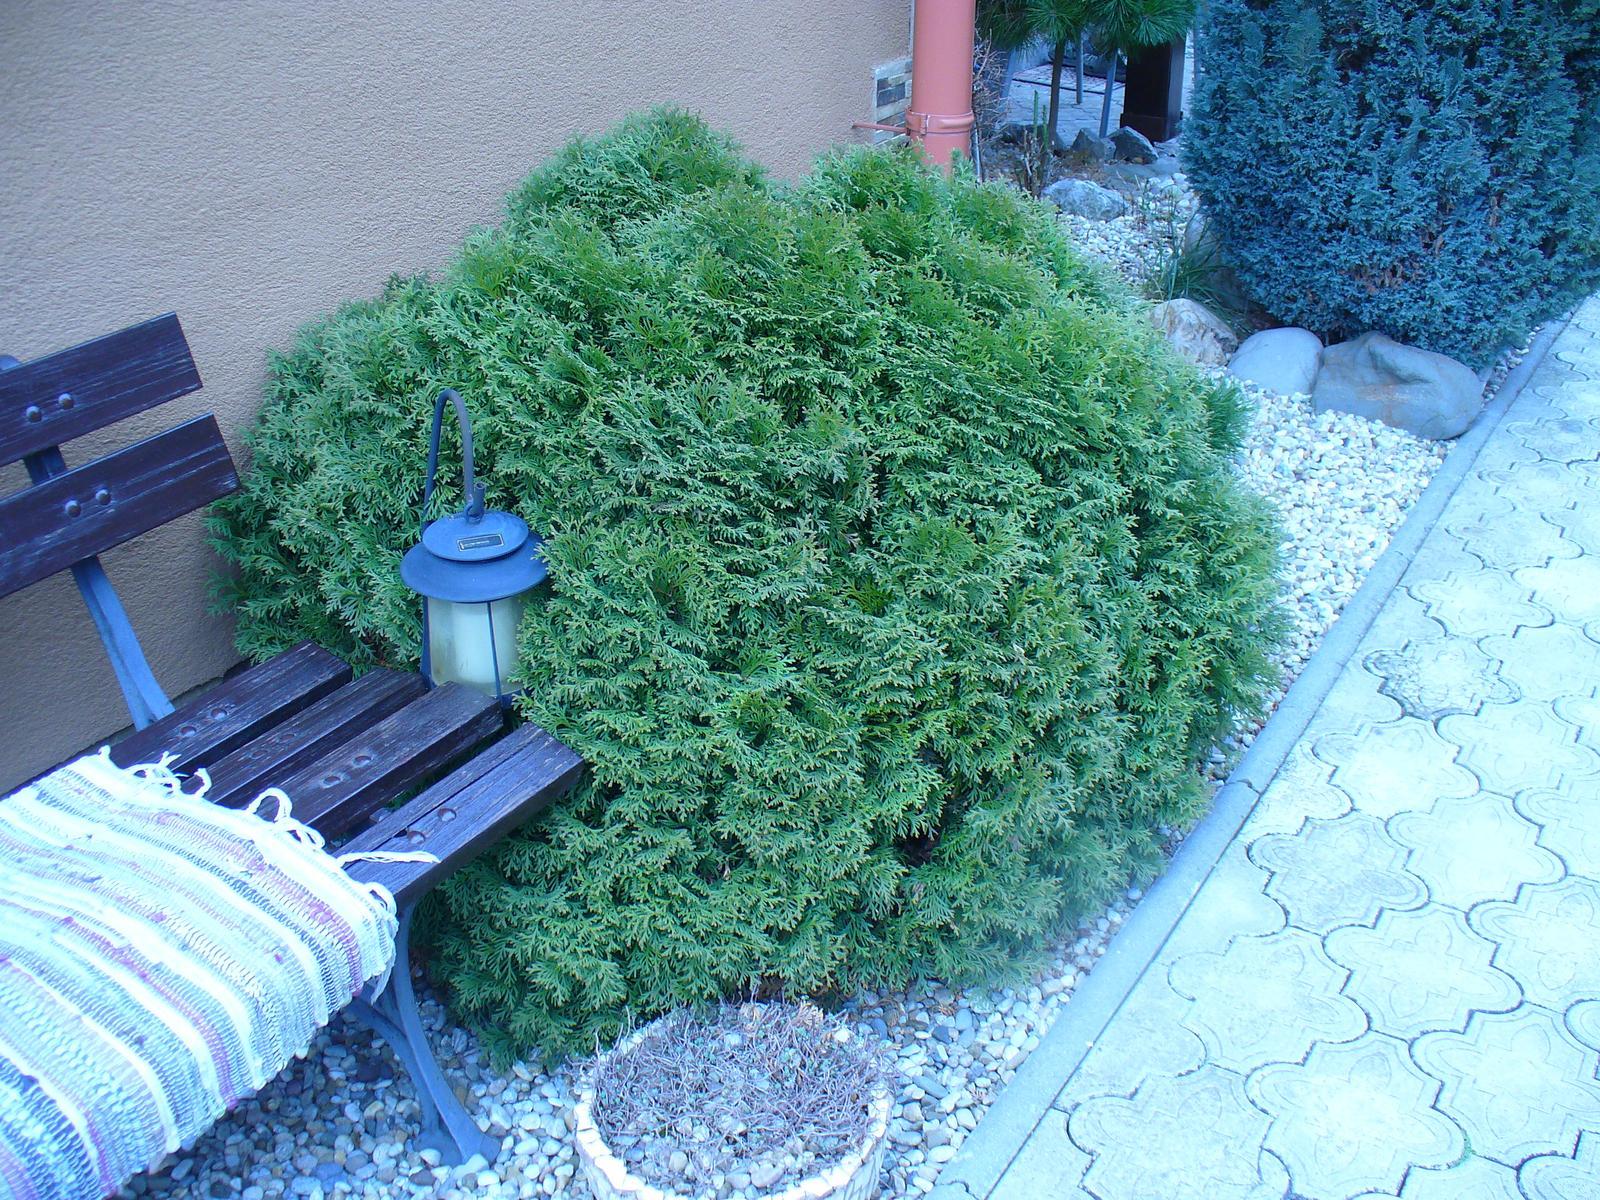 Prerábka, sadenie a úpravy v našej mini záhradke. - Aj táto krásna guľa musela ísť preč, tiež sa moc rozrástla a vo vnútri je celá hnedá.